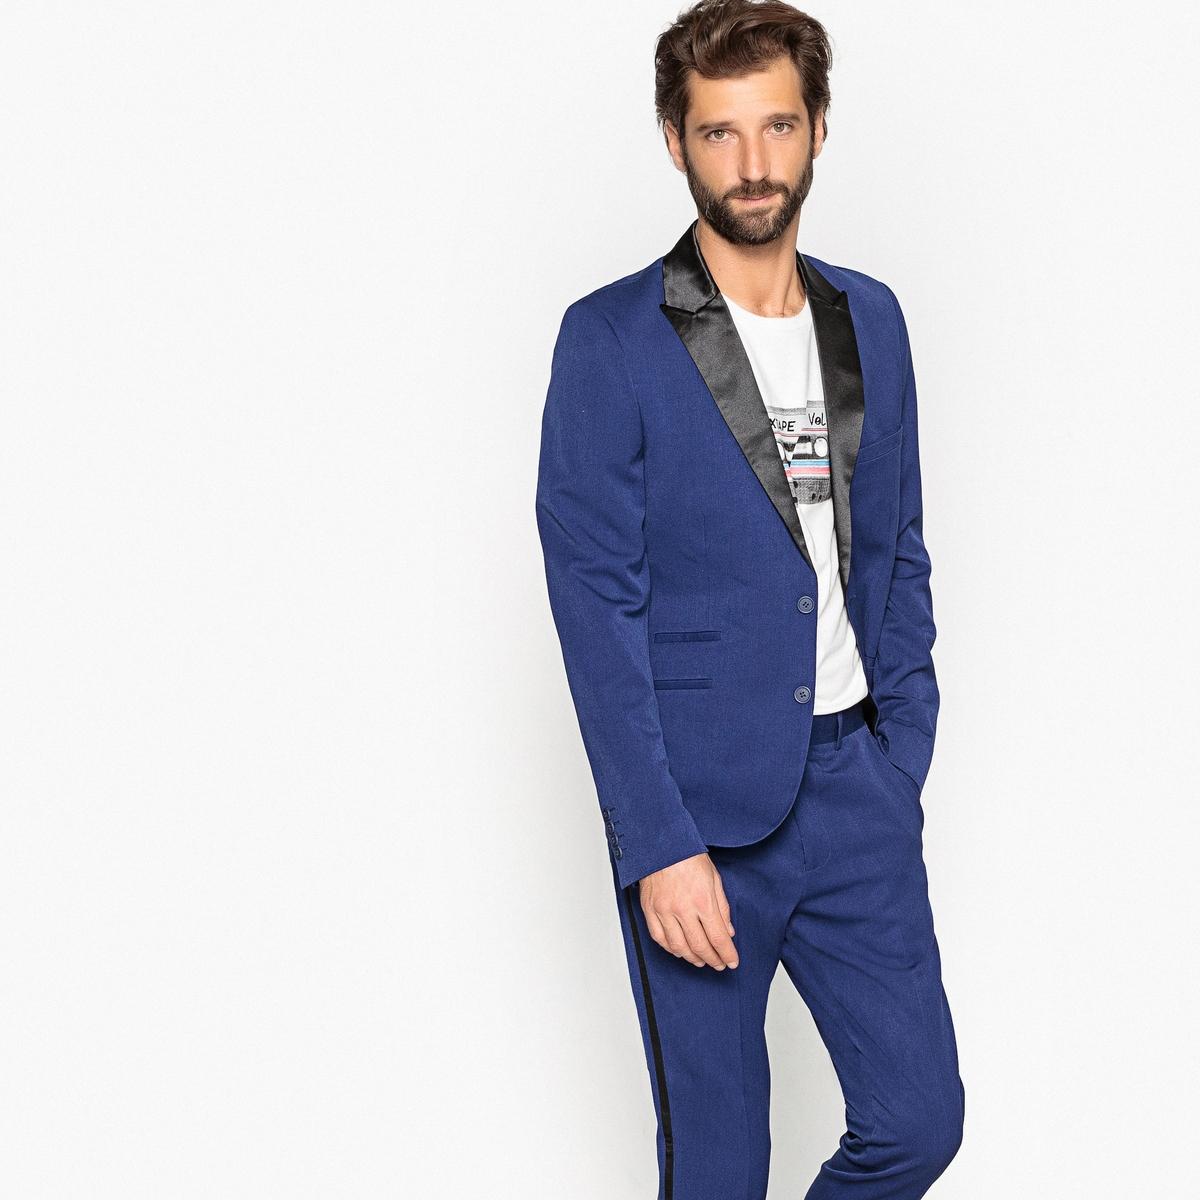 Пиджак La Redoute Костюмный приталенного покроя 54 синий шорты la redoute плавательные с принтом джунгли мес года 18 мес 81 см синий